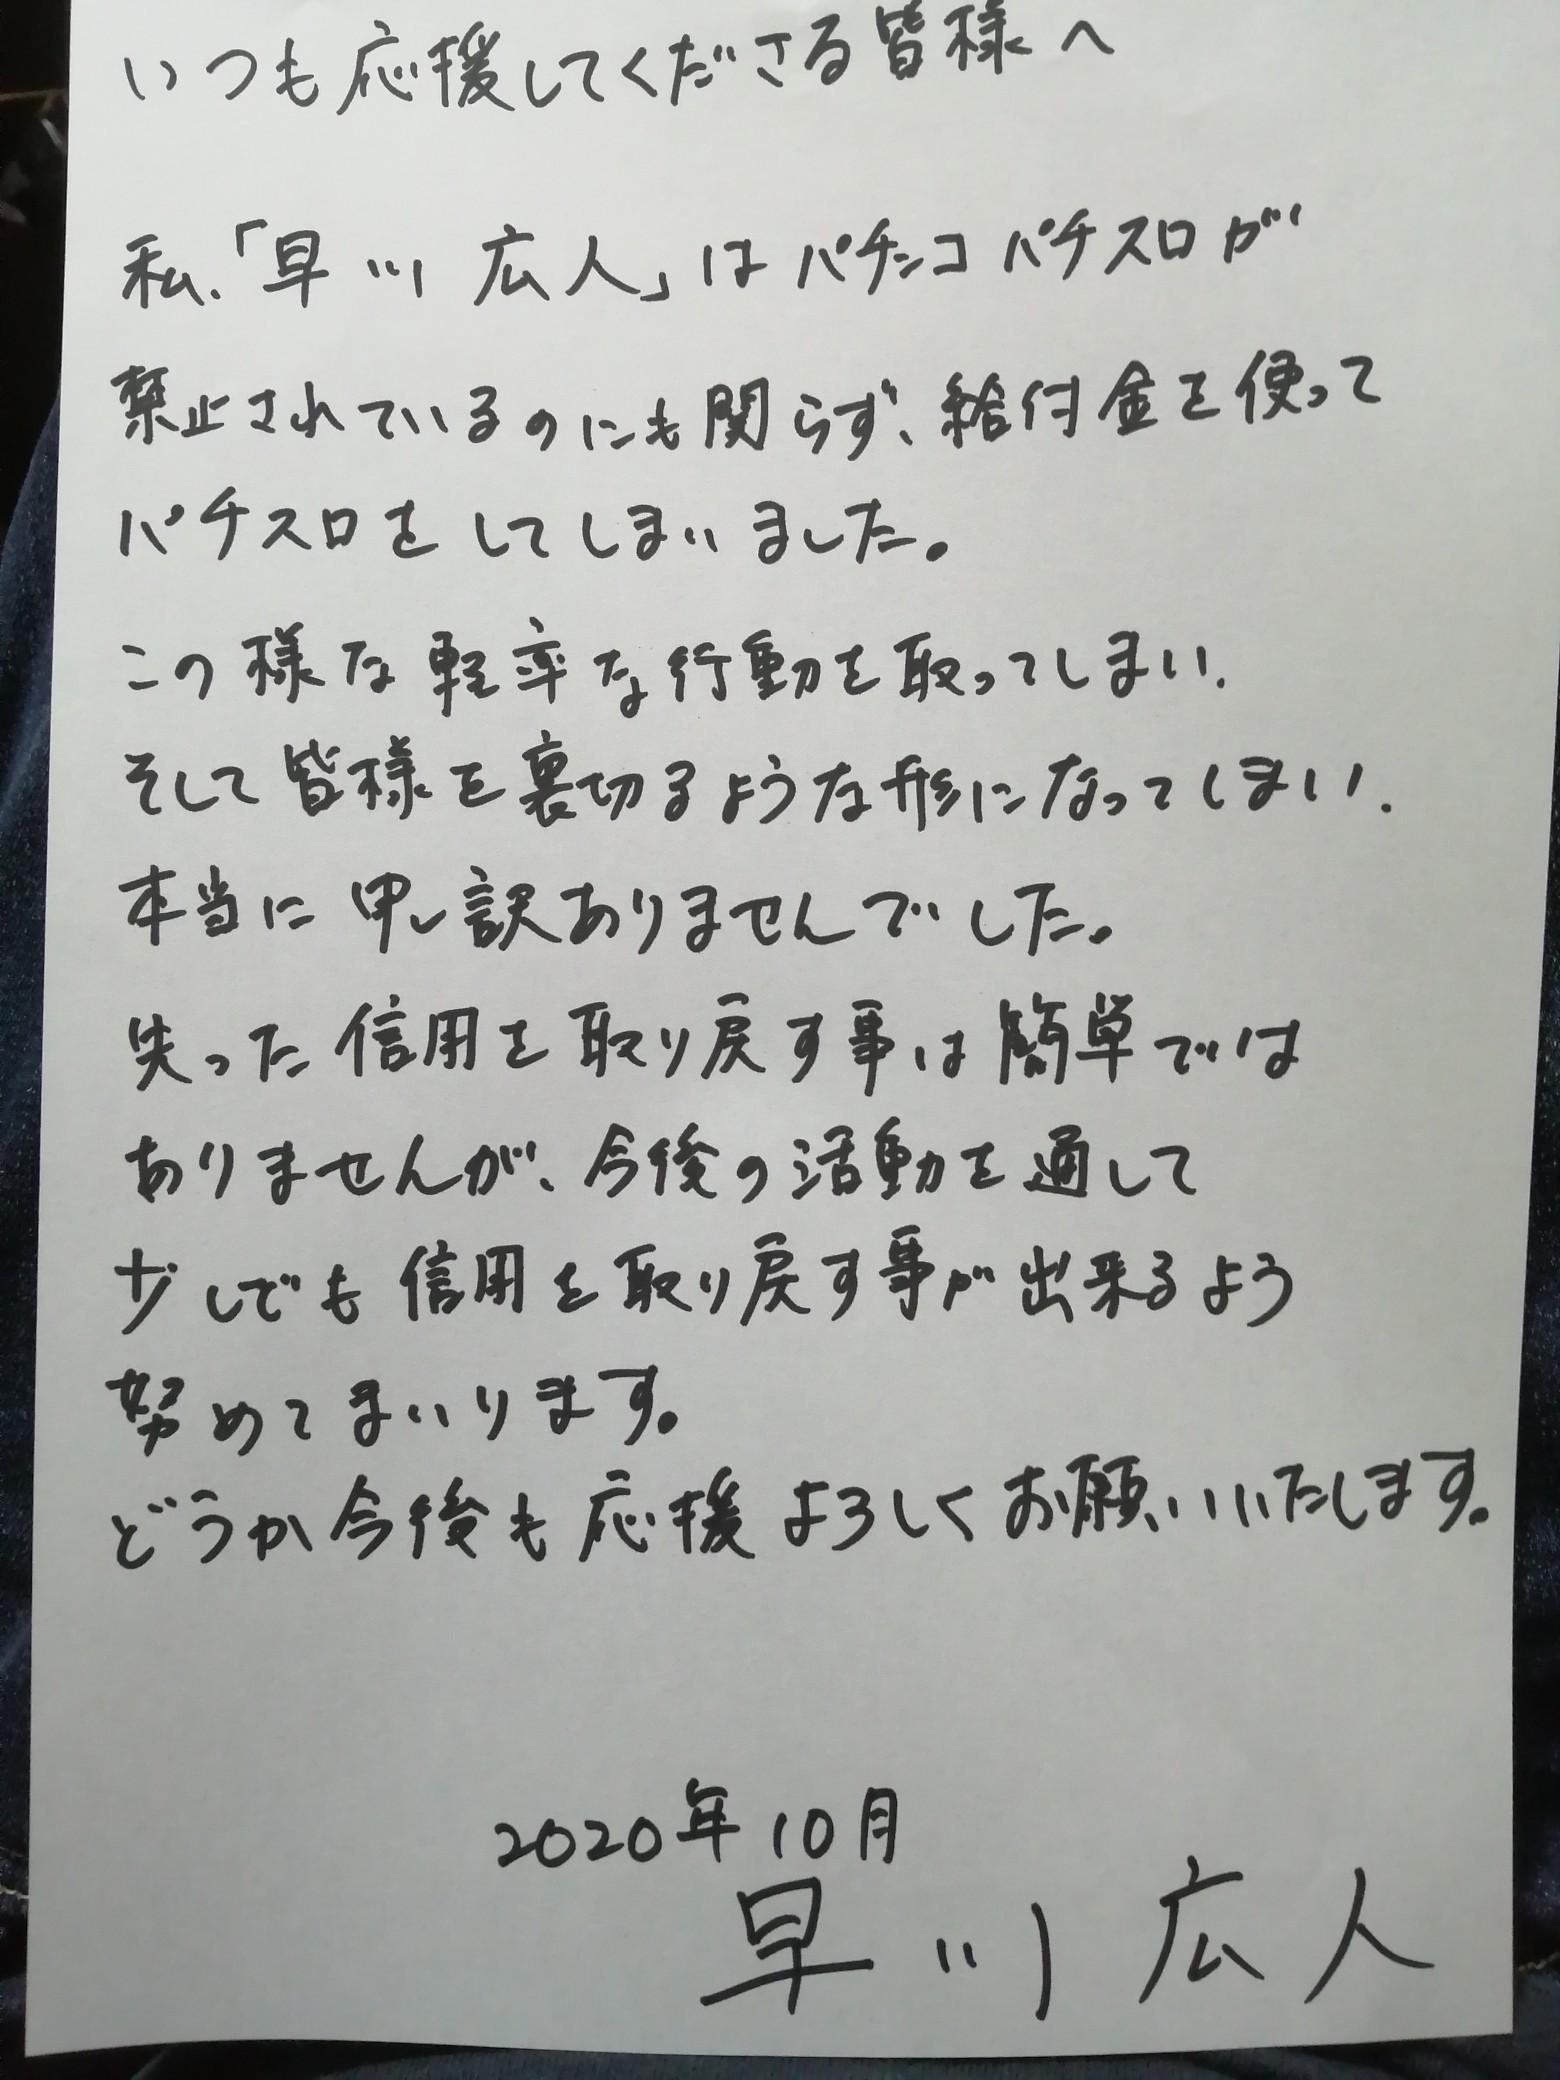 早川広人のブログ Vol.2